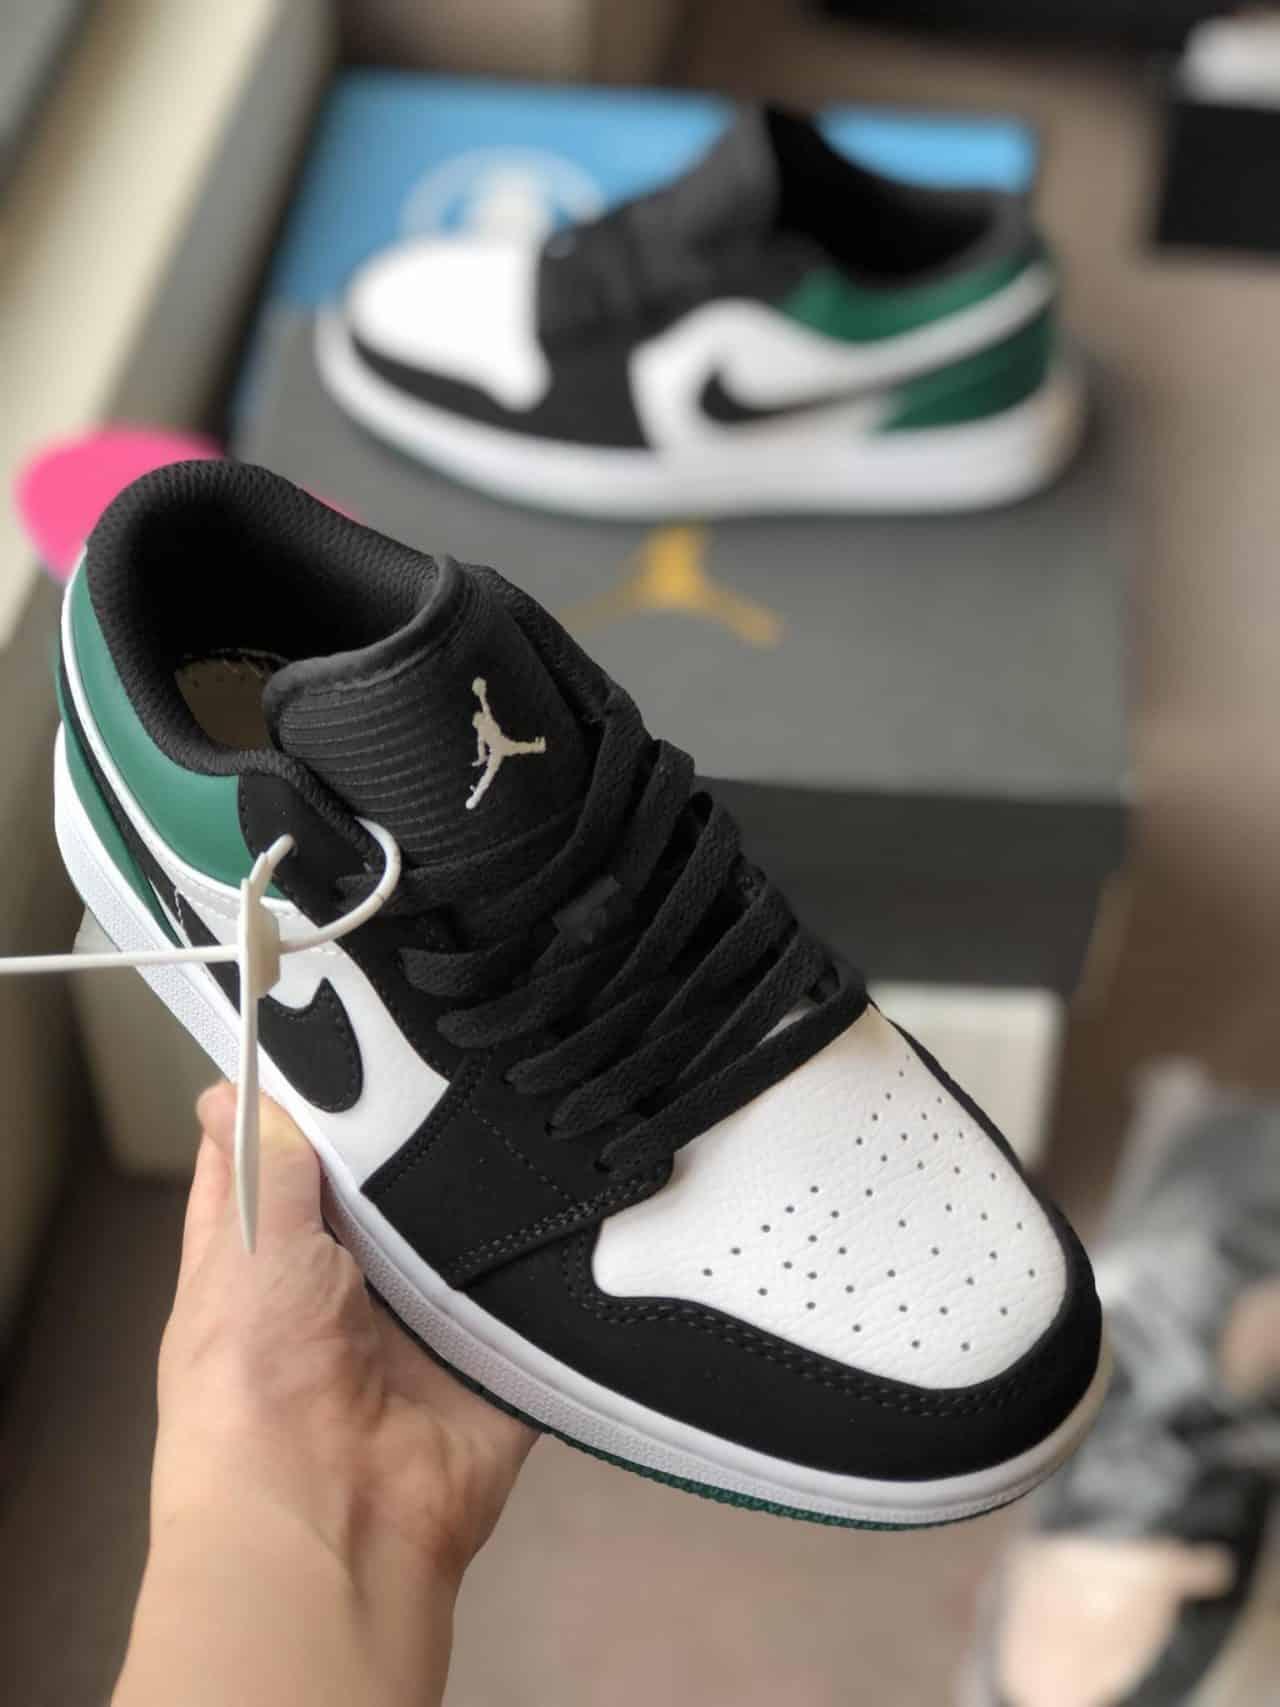 Nike Air Jordan 1 Low Xanh Đen Rep 1:1 thiết kế độc đáo, sang trọng